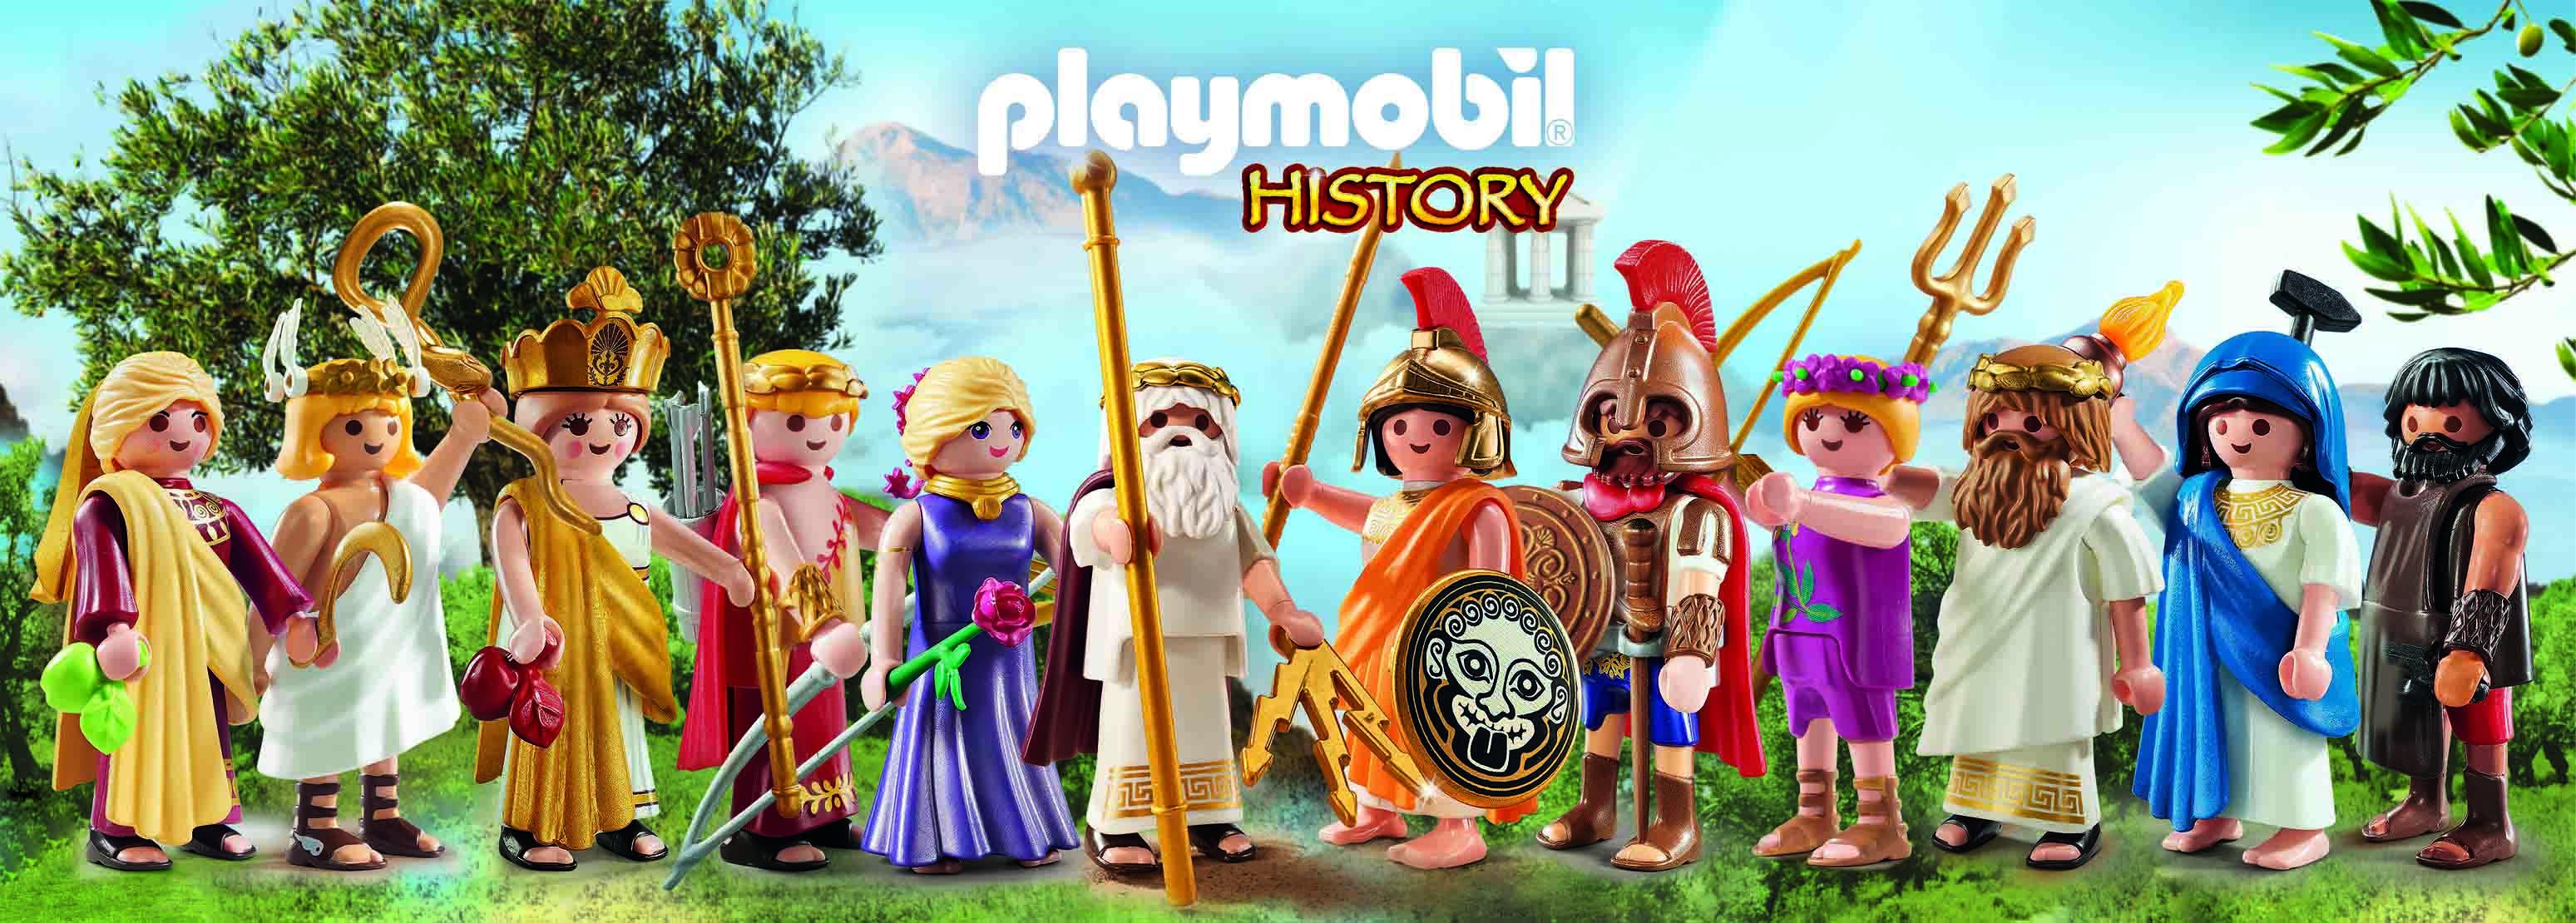 Η PLAYMOBIL παρουσιάζει τους 12 Θεούς του Ολύμπου